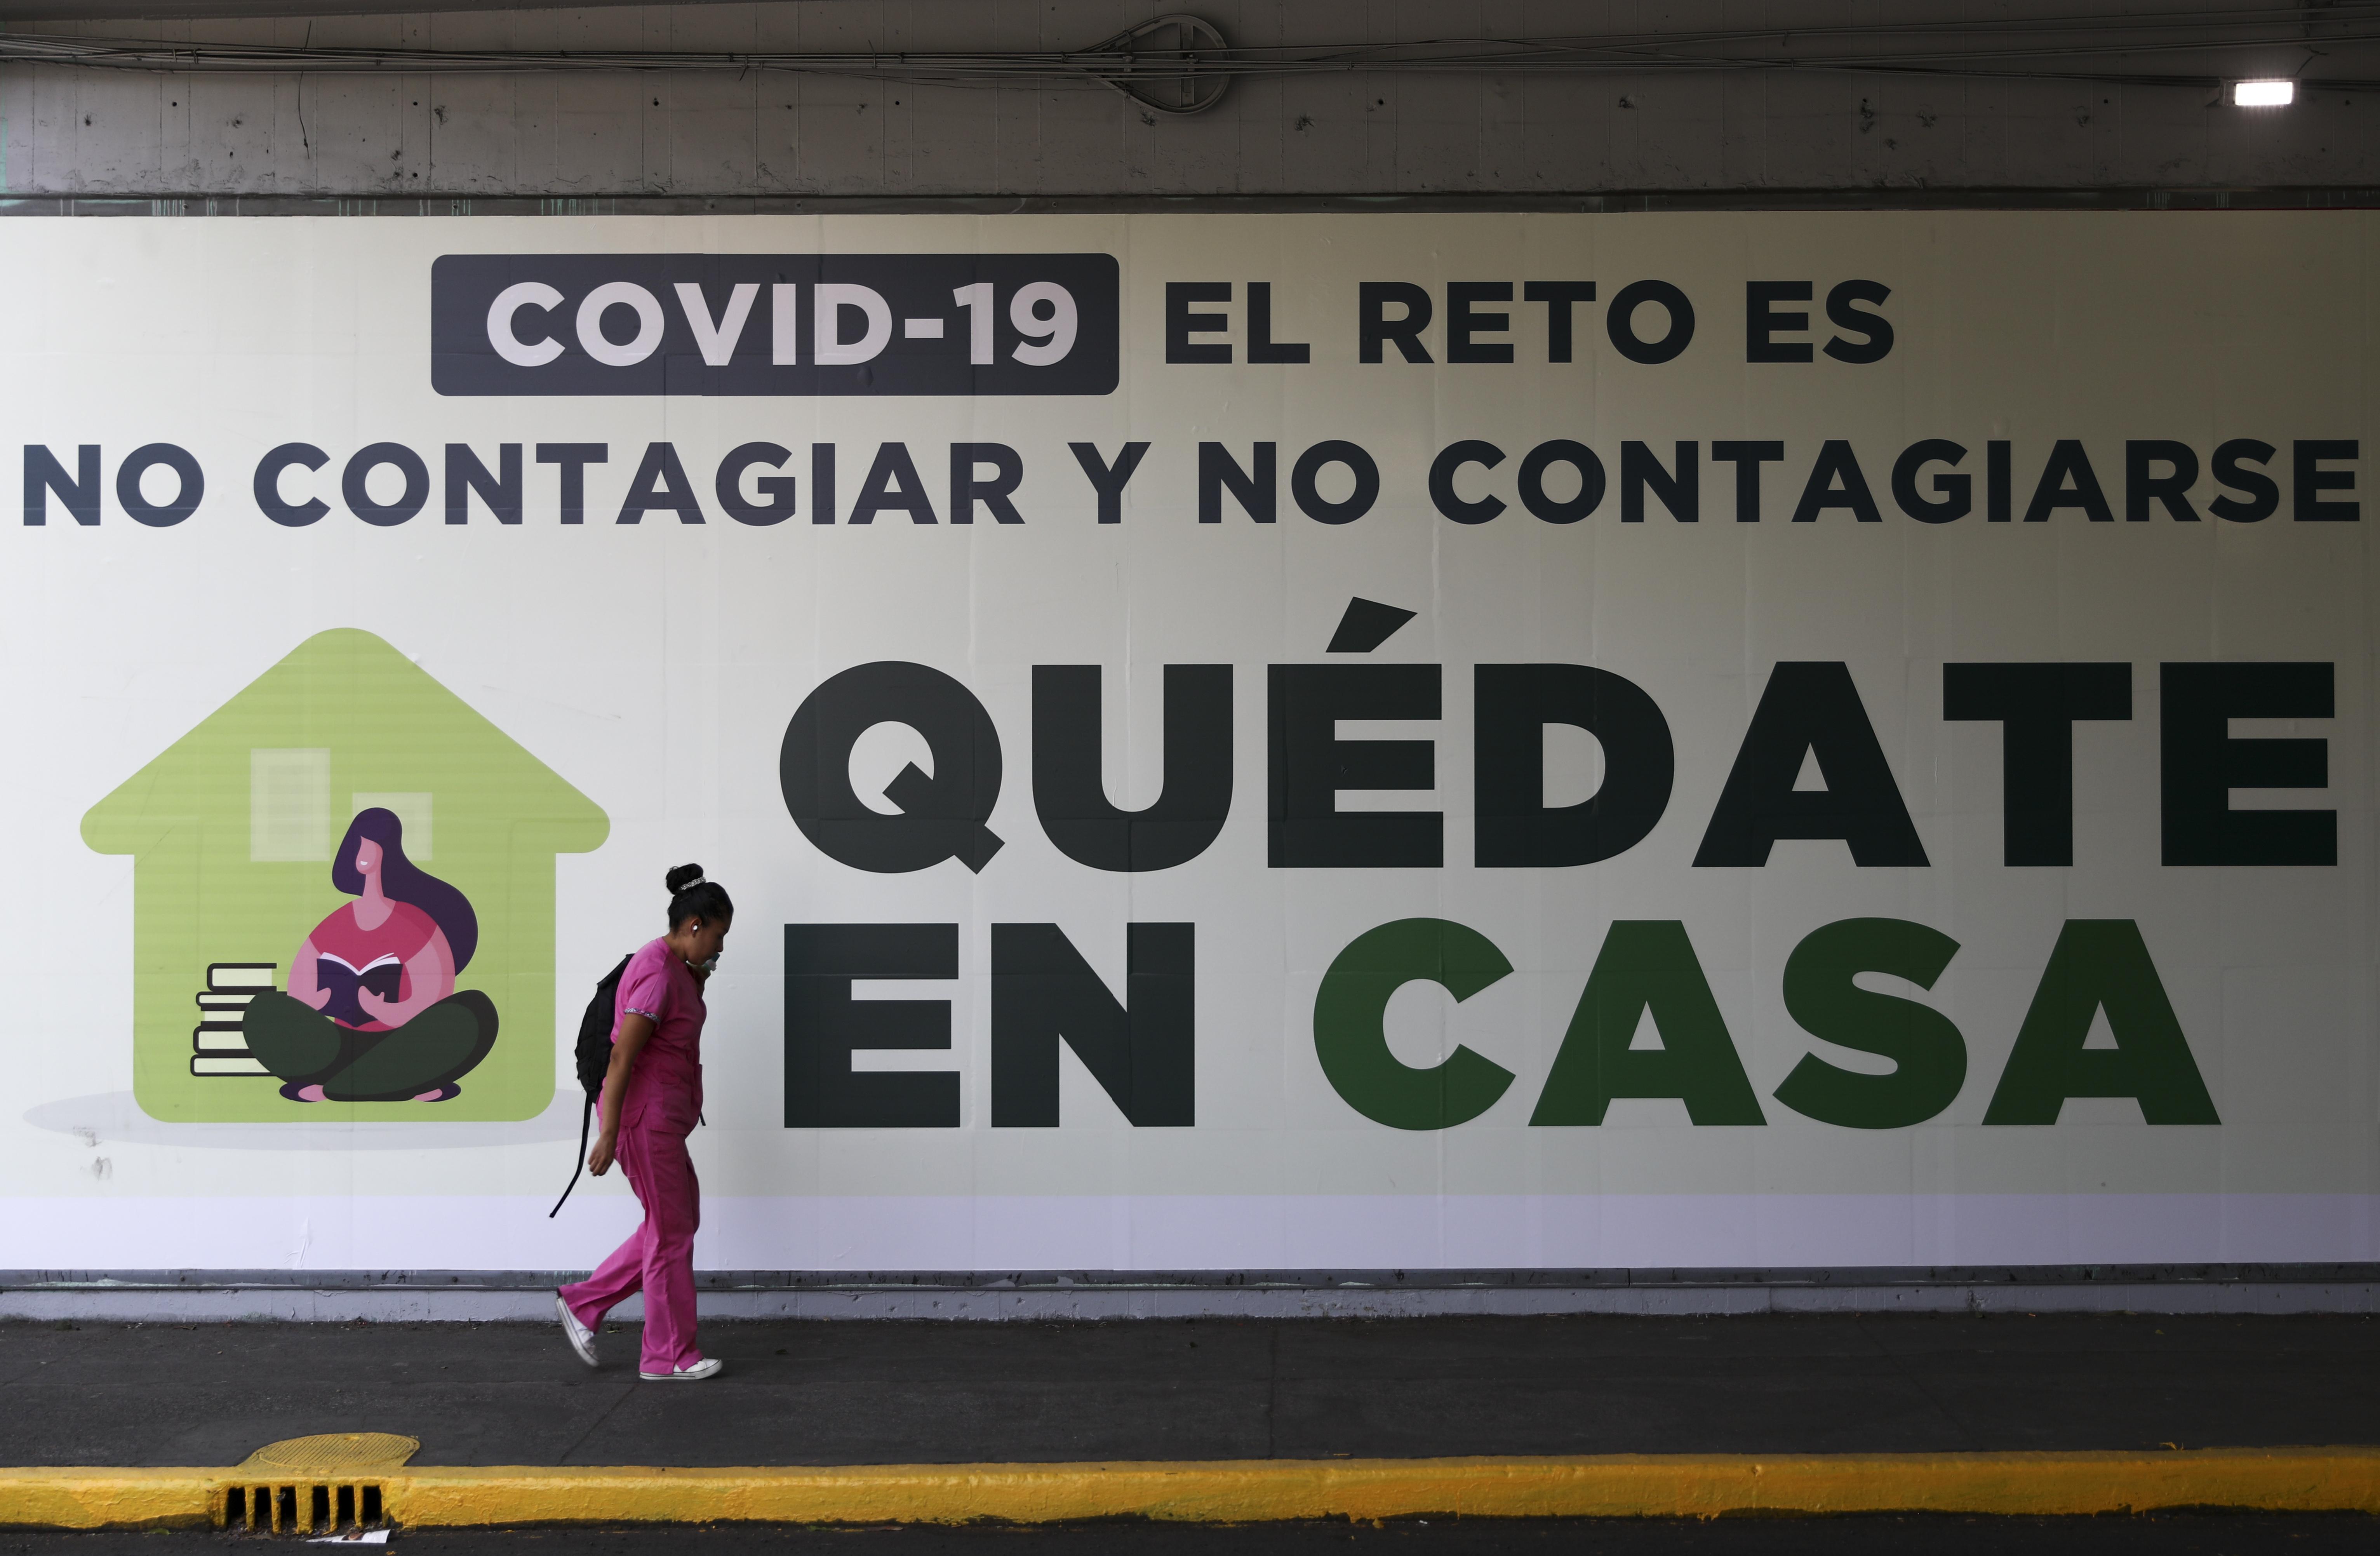 Una mujer pasa junto a un letrero que dice: